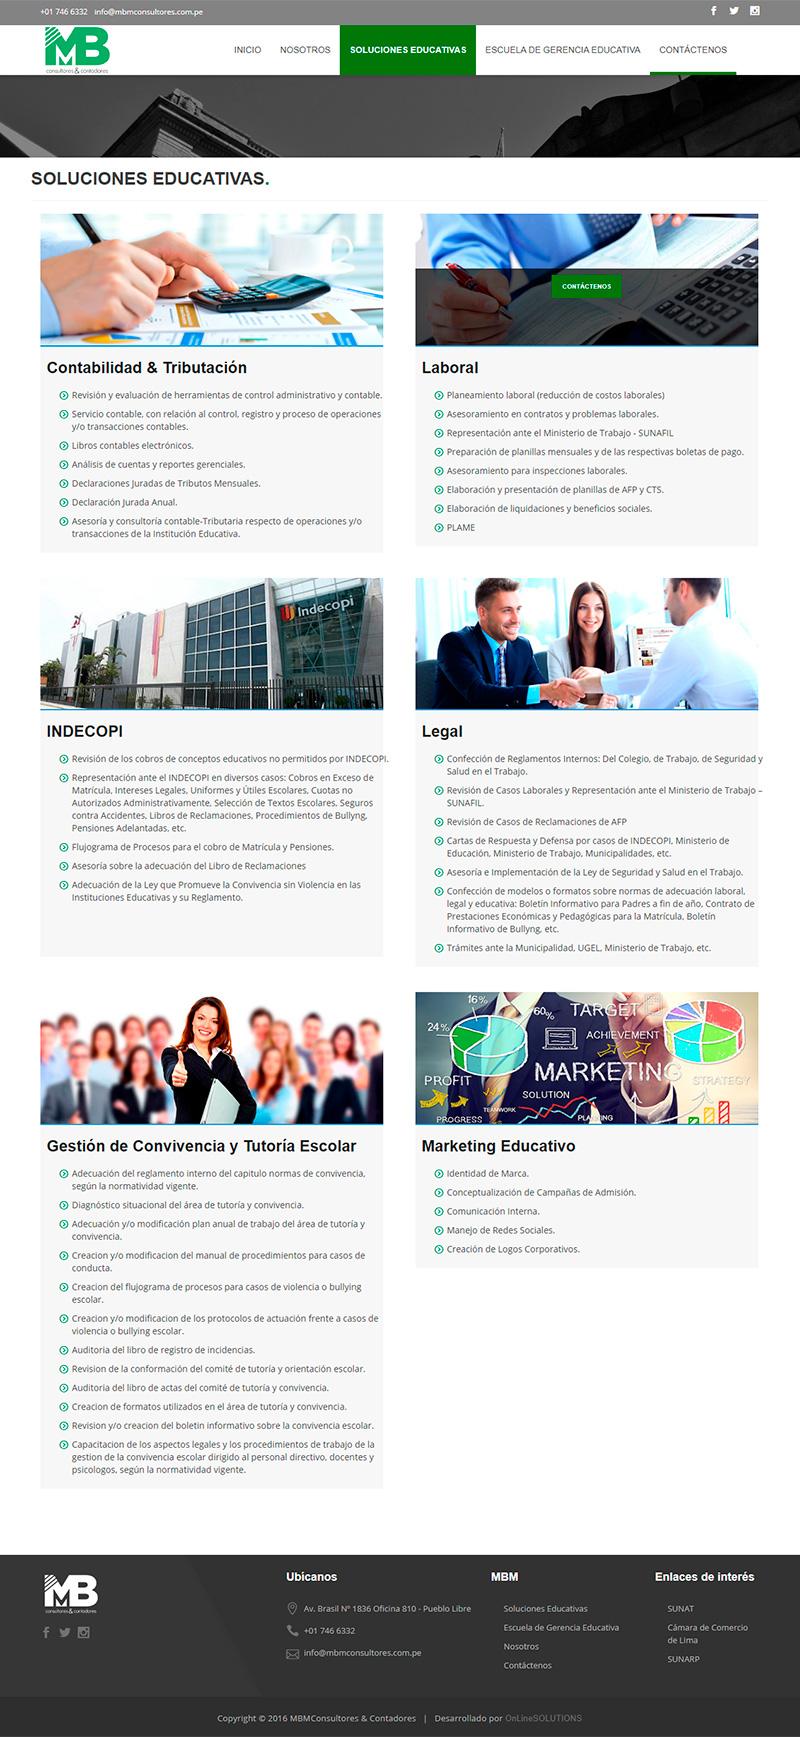 MBM CONSULTORES - Soluciones educativas